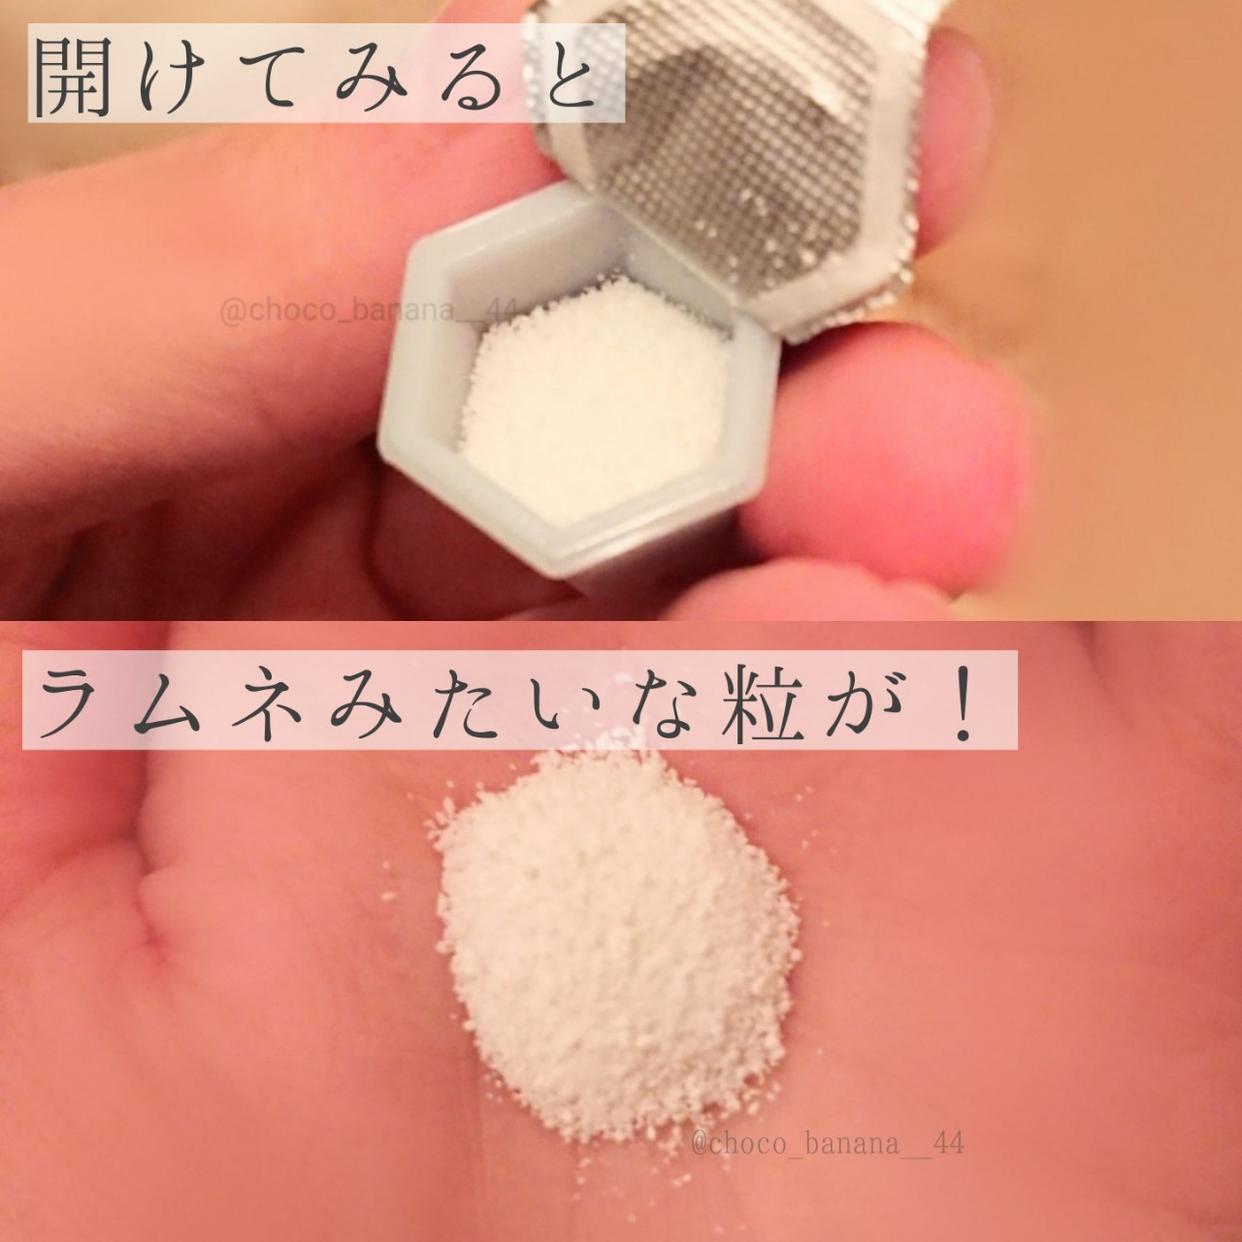 suisai(スイサイ) 洗顔パウダー ビューティクリアパウダーウォッシュを使ったししさんのクチコミ画像3